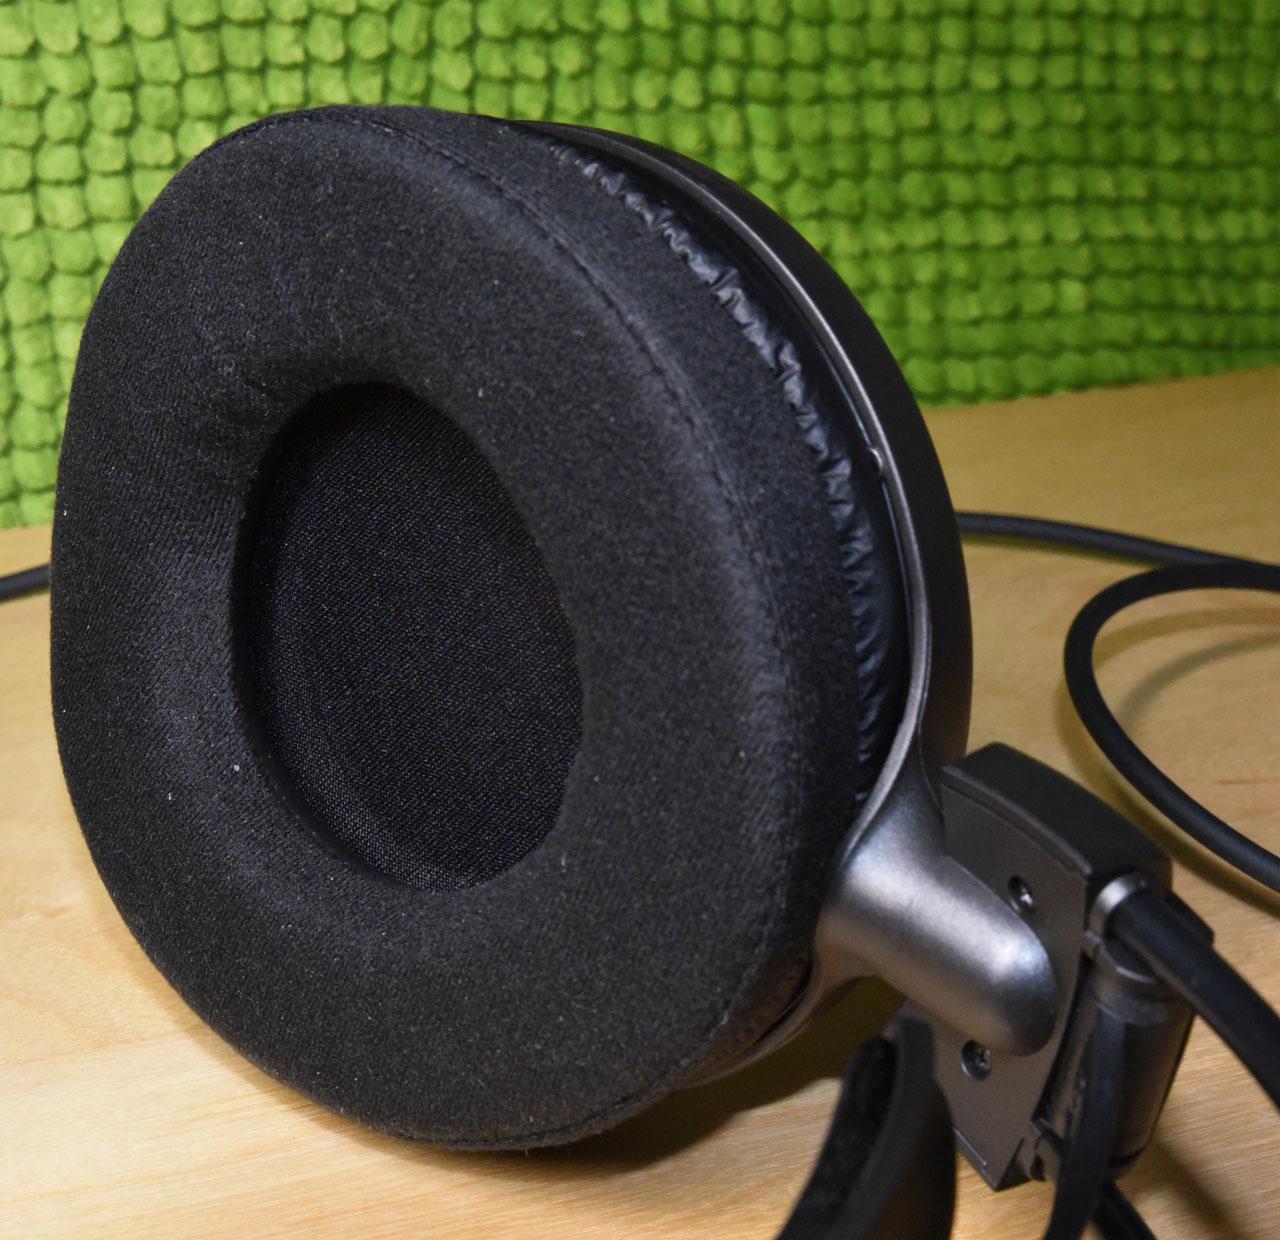 Audio Technica ATH-AD700X ATH-AD900X 48731372842_3213581fac_o_d